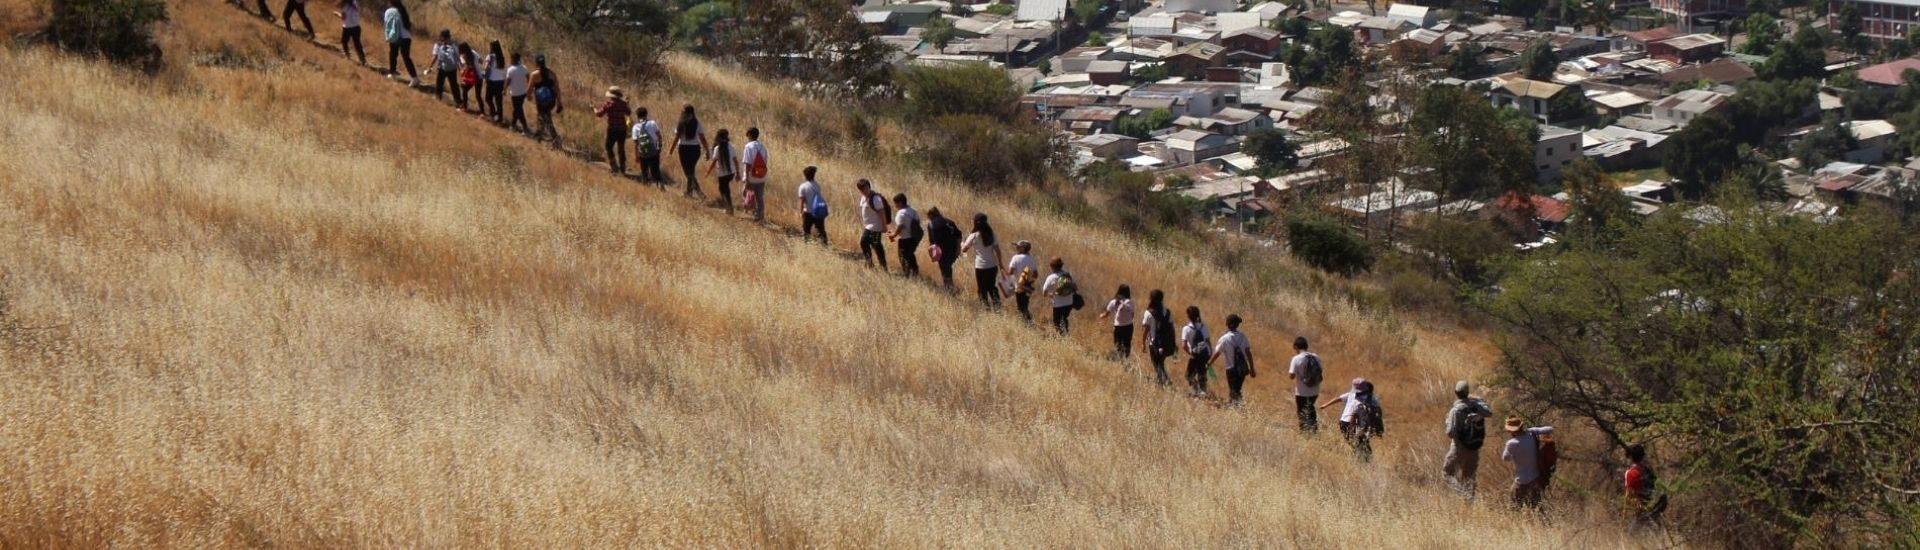 Foto del curso, estudiantes y profesores subiendo el cerro